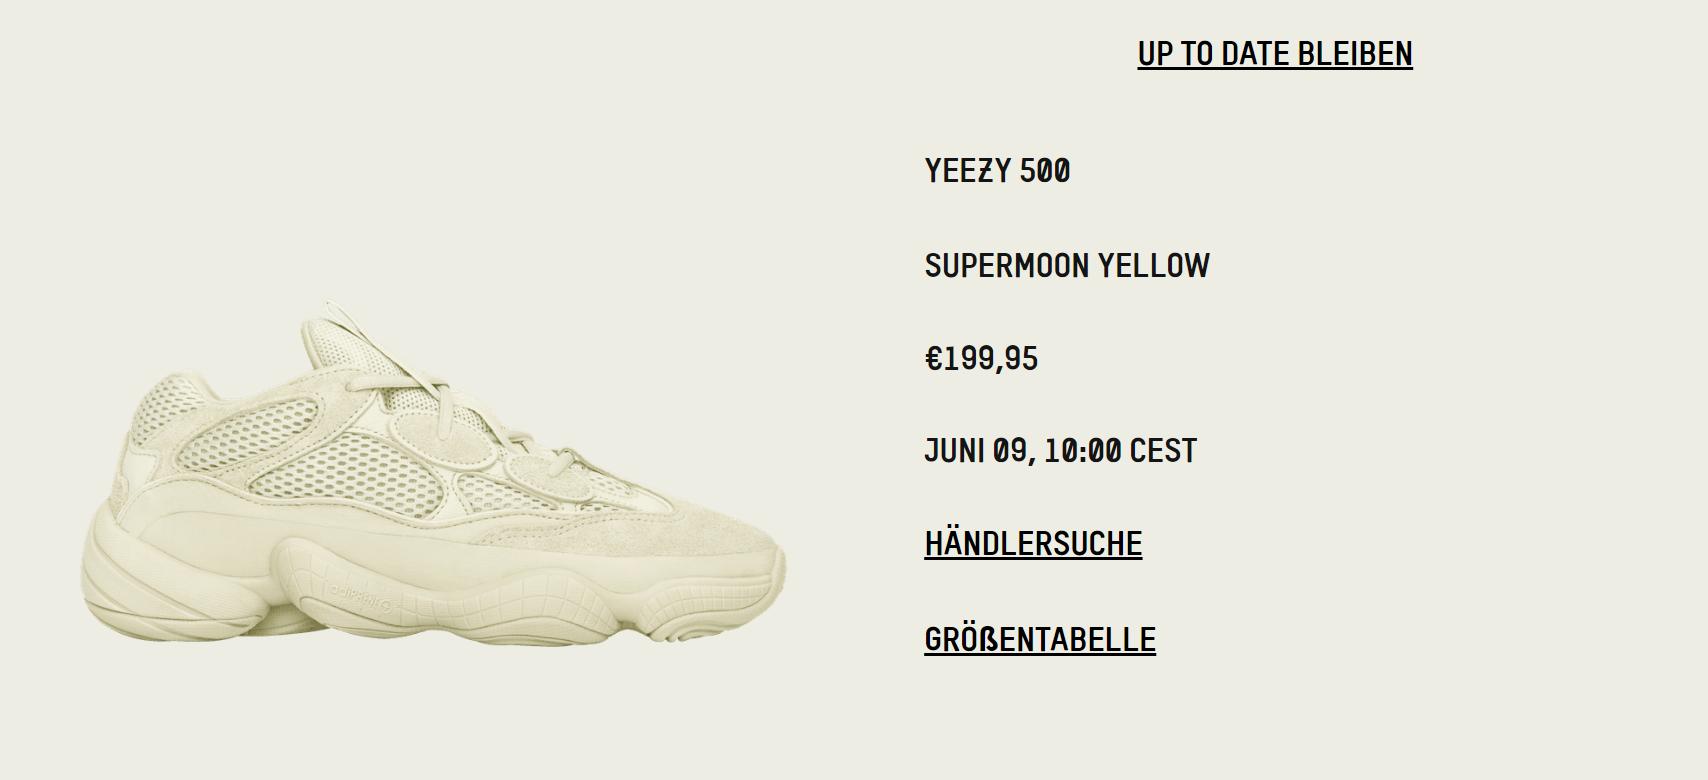 Yellowadidas adidas Super YEEZYAdidas Moon 500 Yeezy DIWEH92